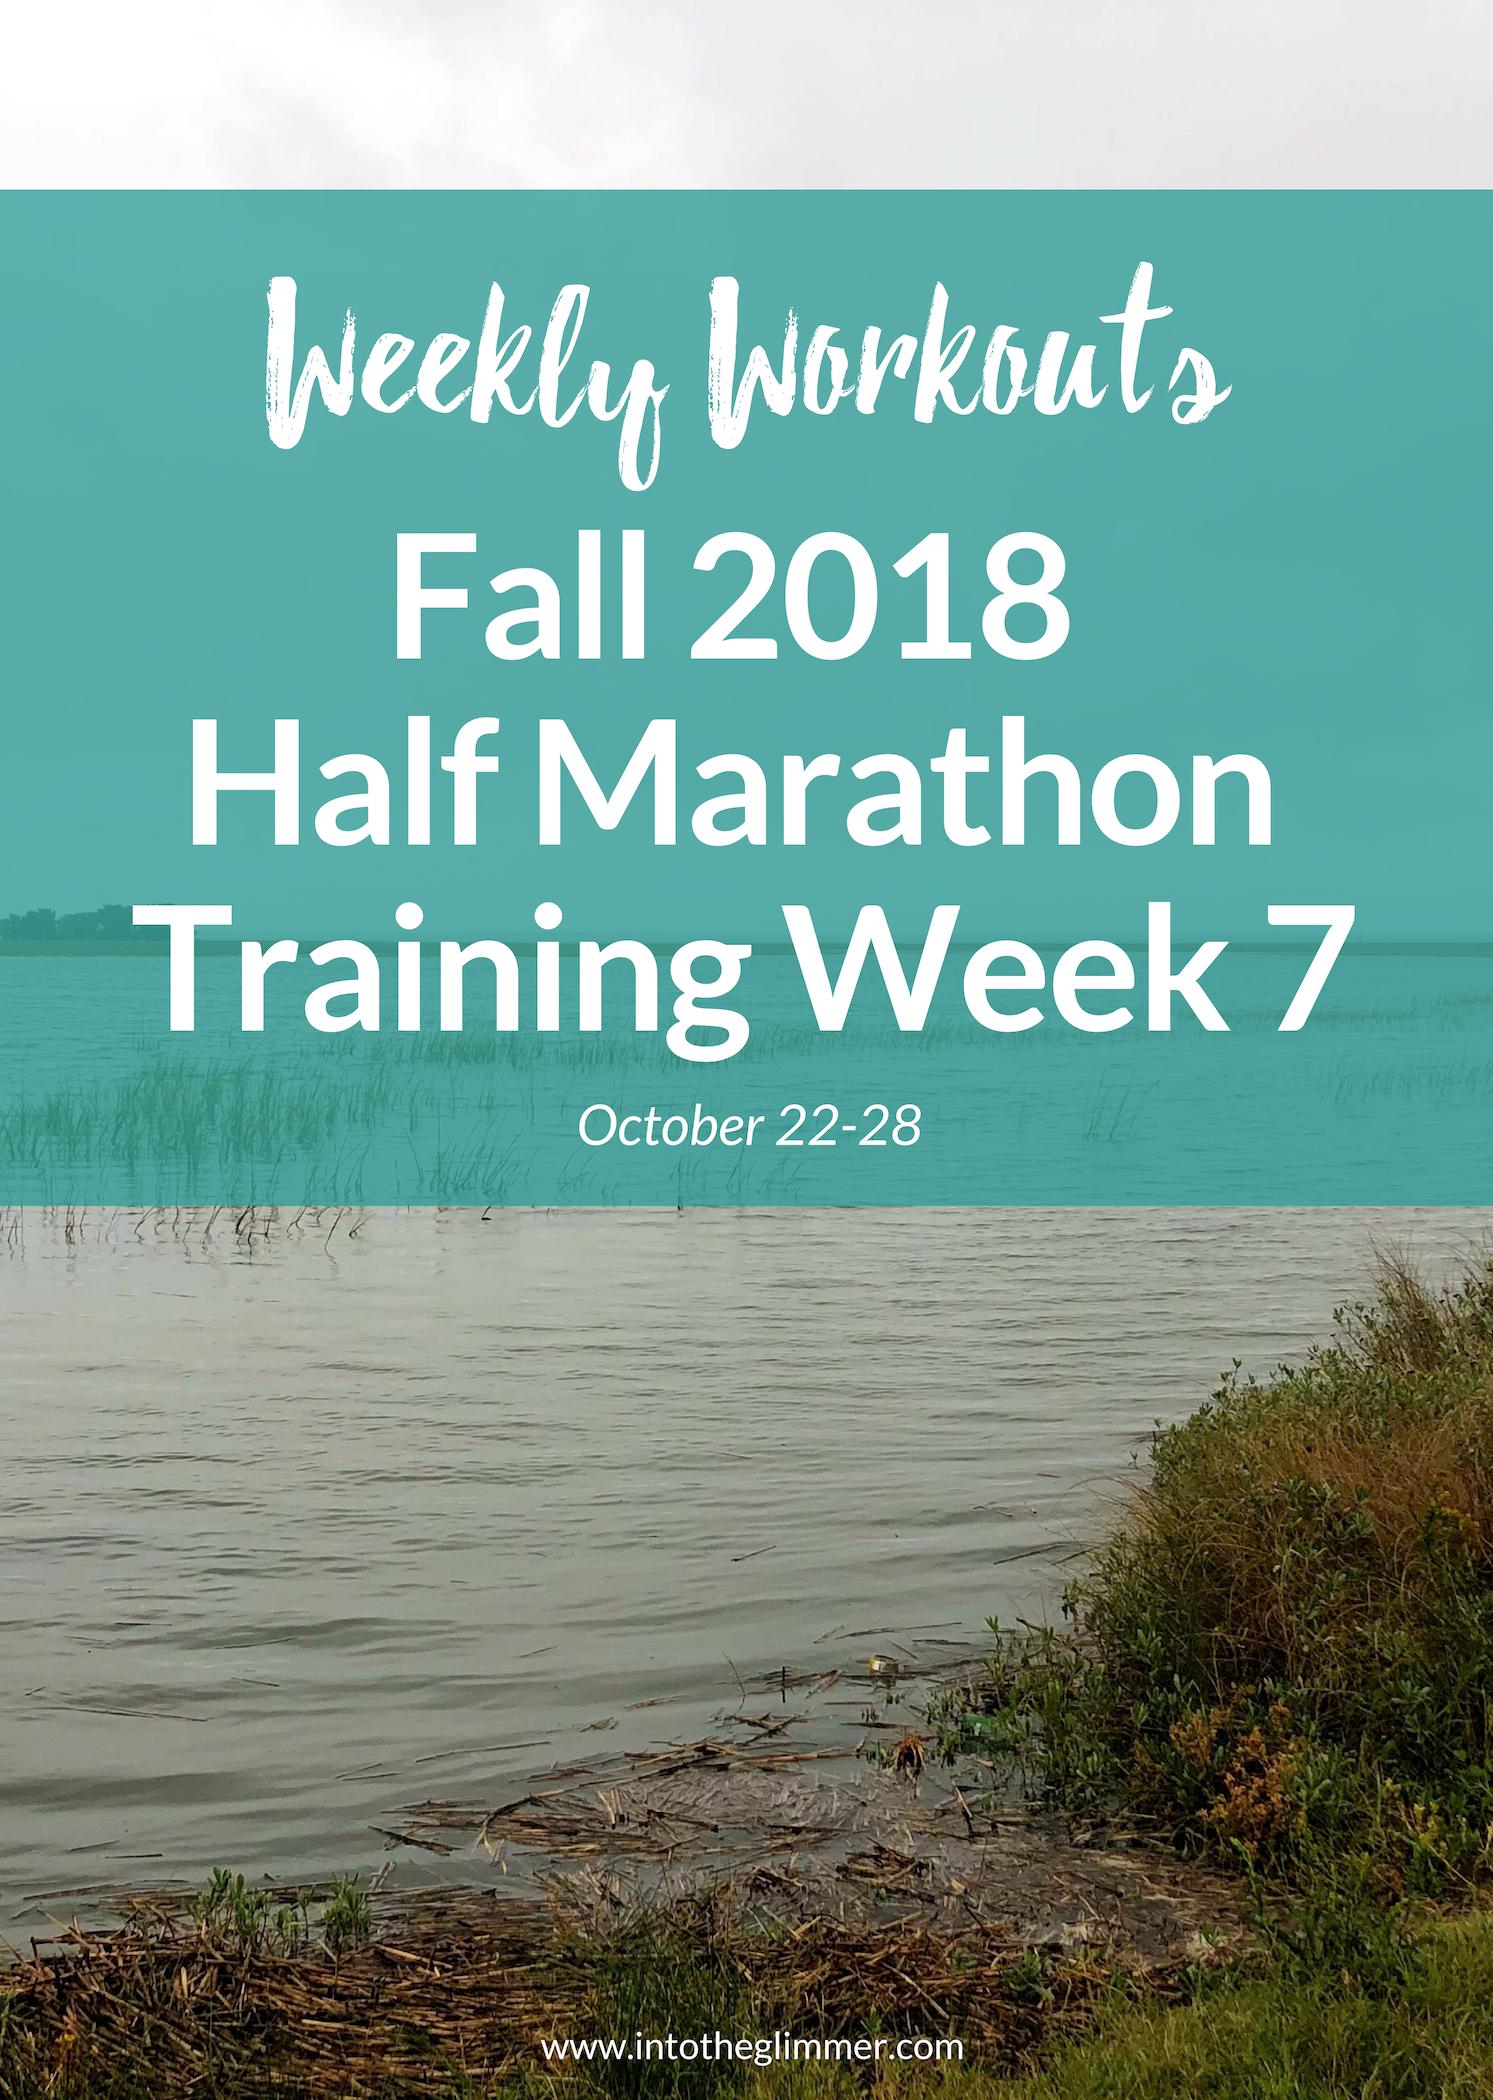 Weekly Workouts: Fall 2018 Half Marathon Training Week 7